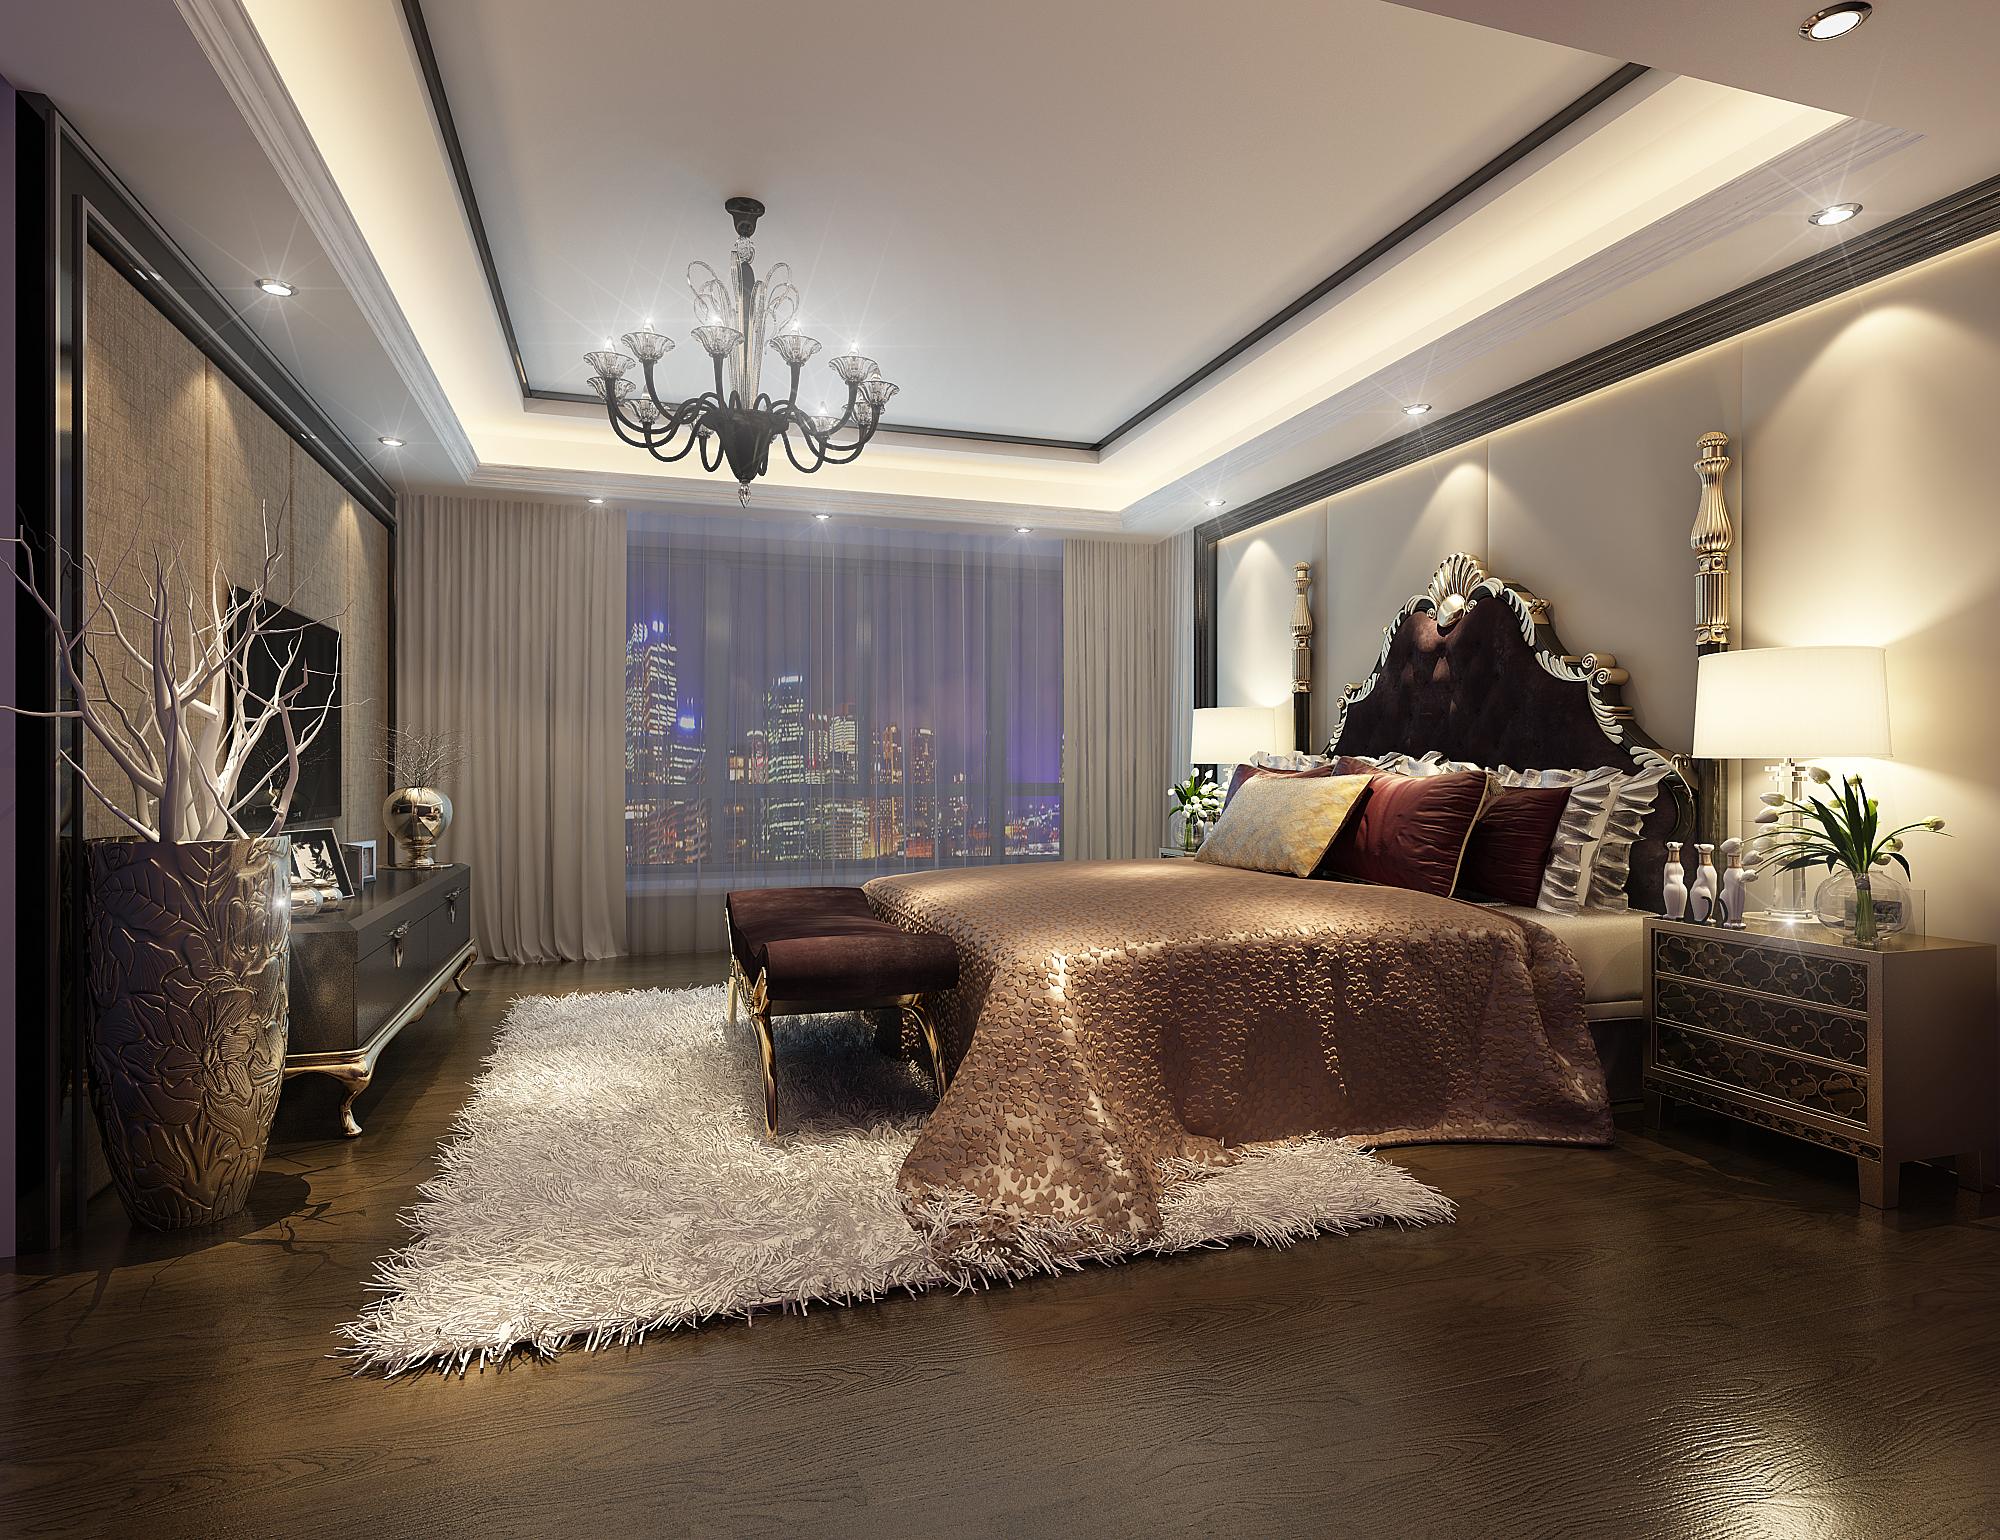 锦绣香江 简约 欧式 洋房 家居 生活 装修 报价 设计 卧室图片来自曹丹在锦绣香江-现代欧式-4居室的分享